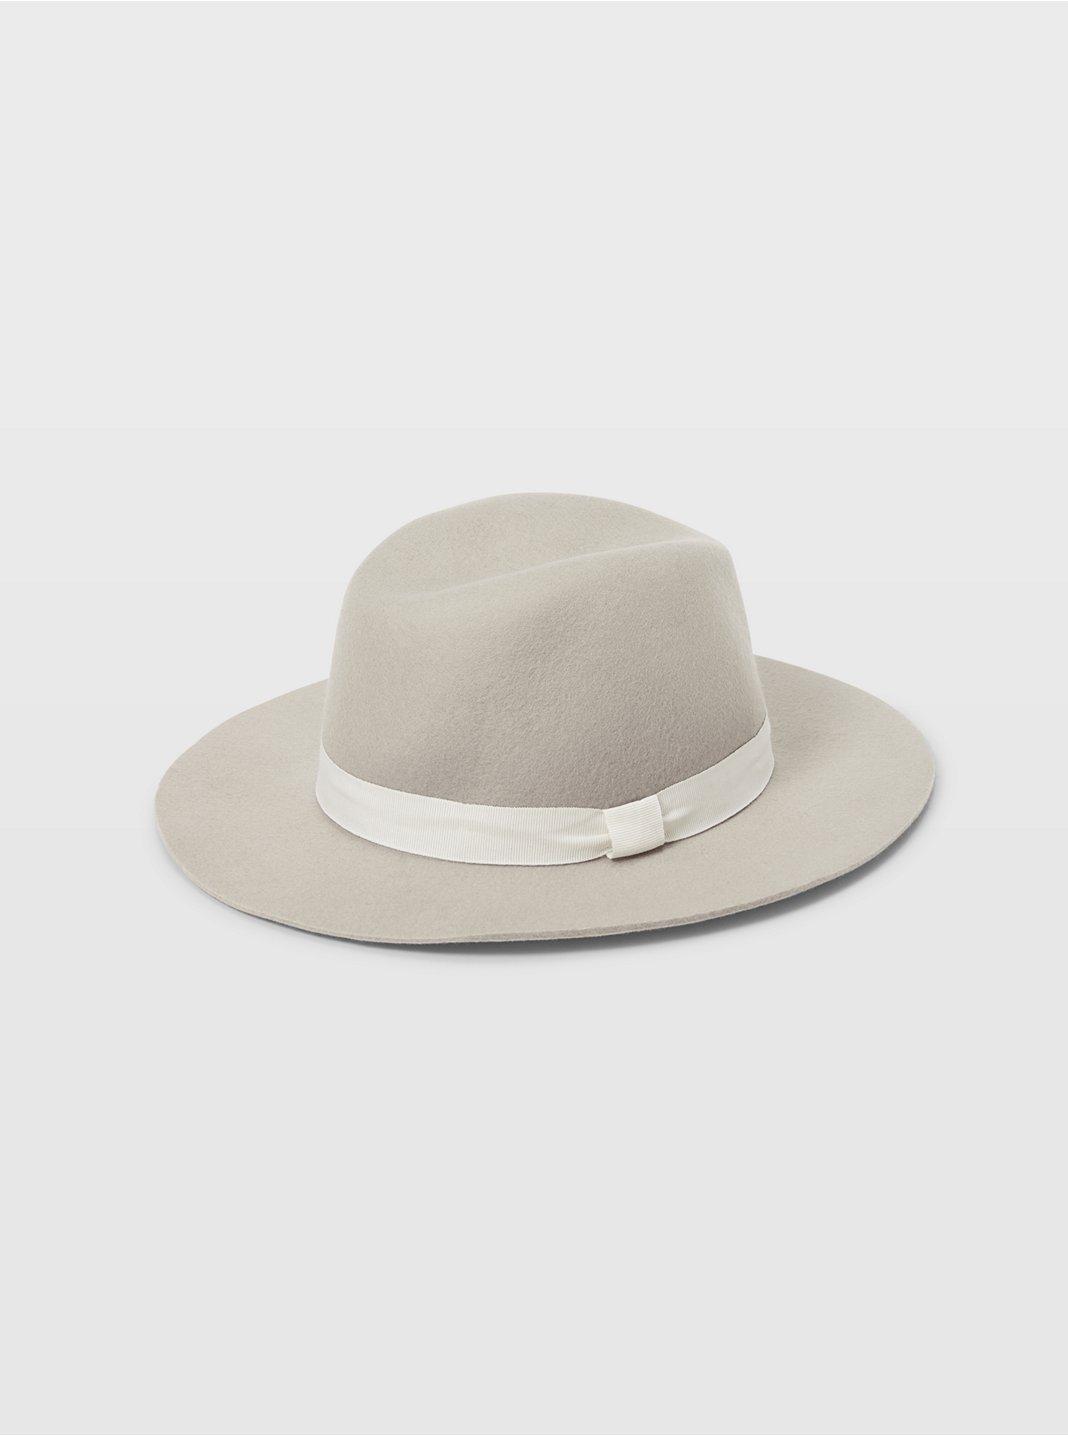 Millennie Wool Hat